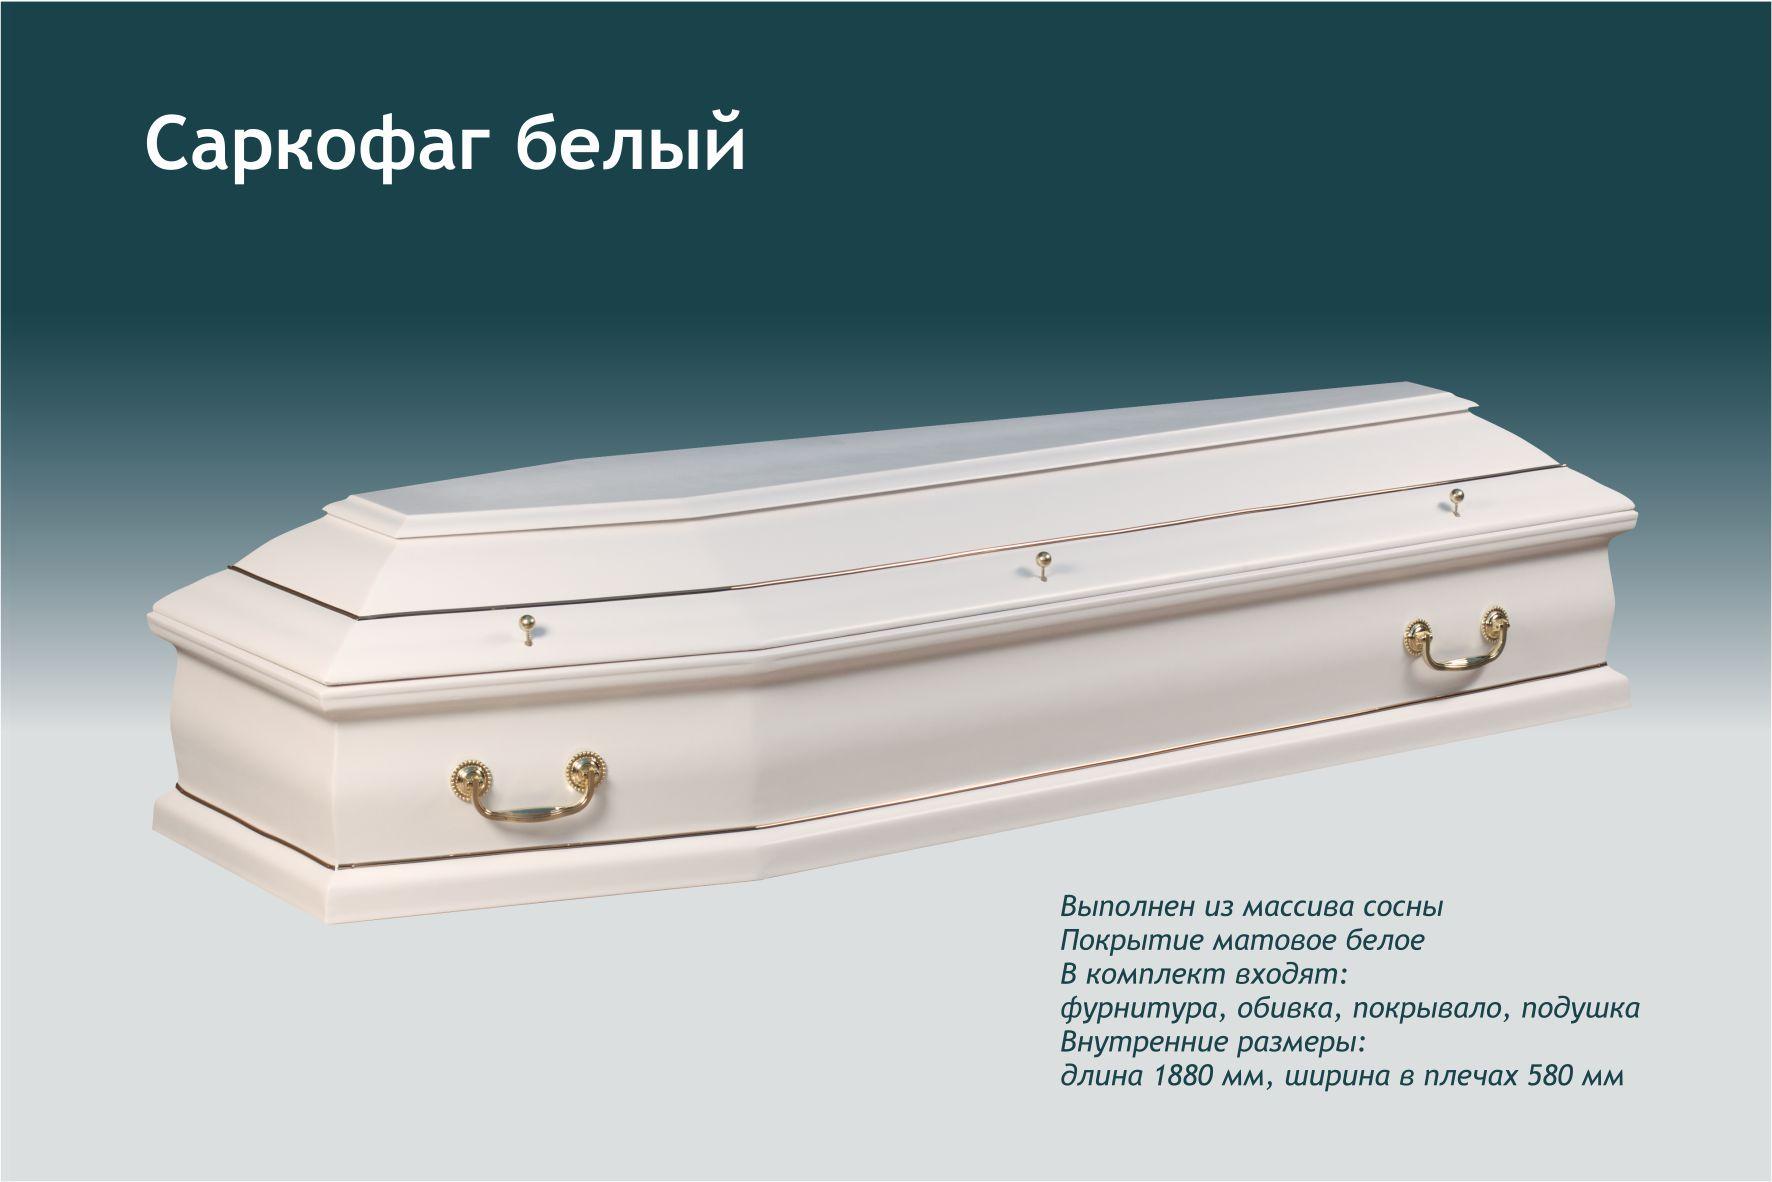 Саркофаг белый